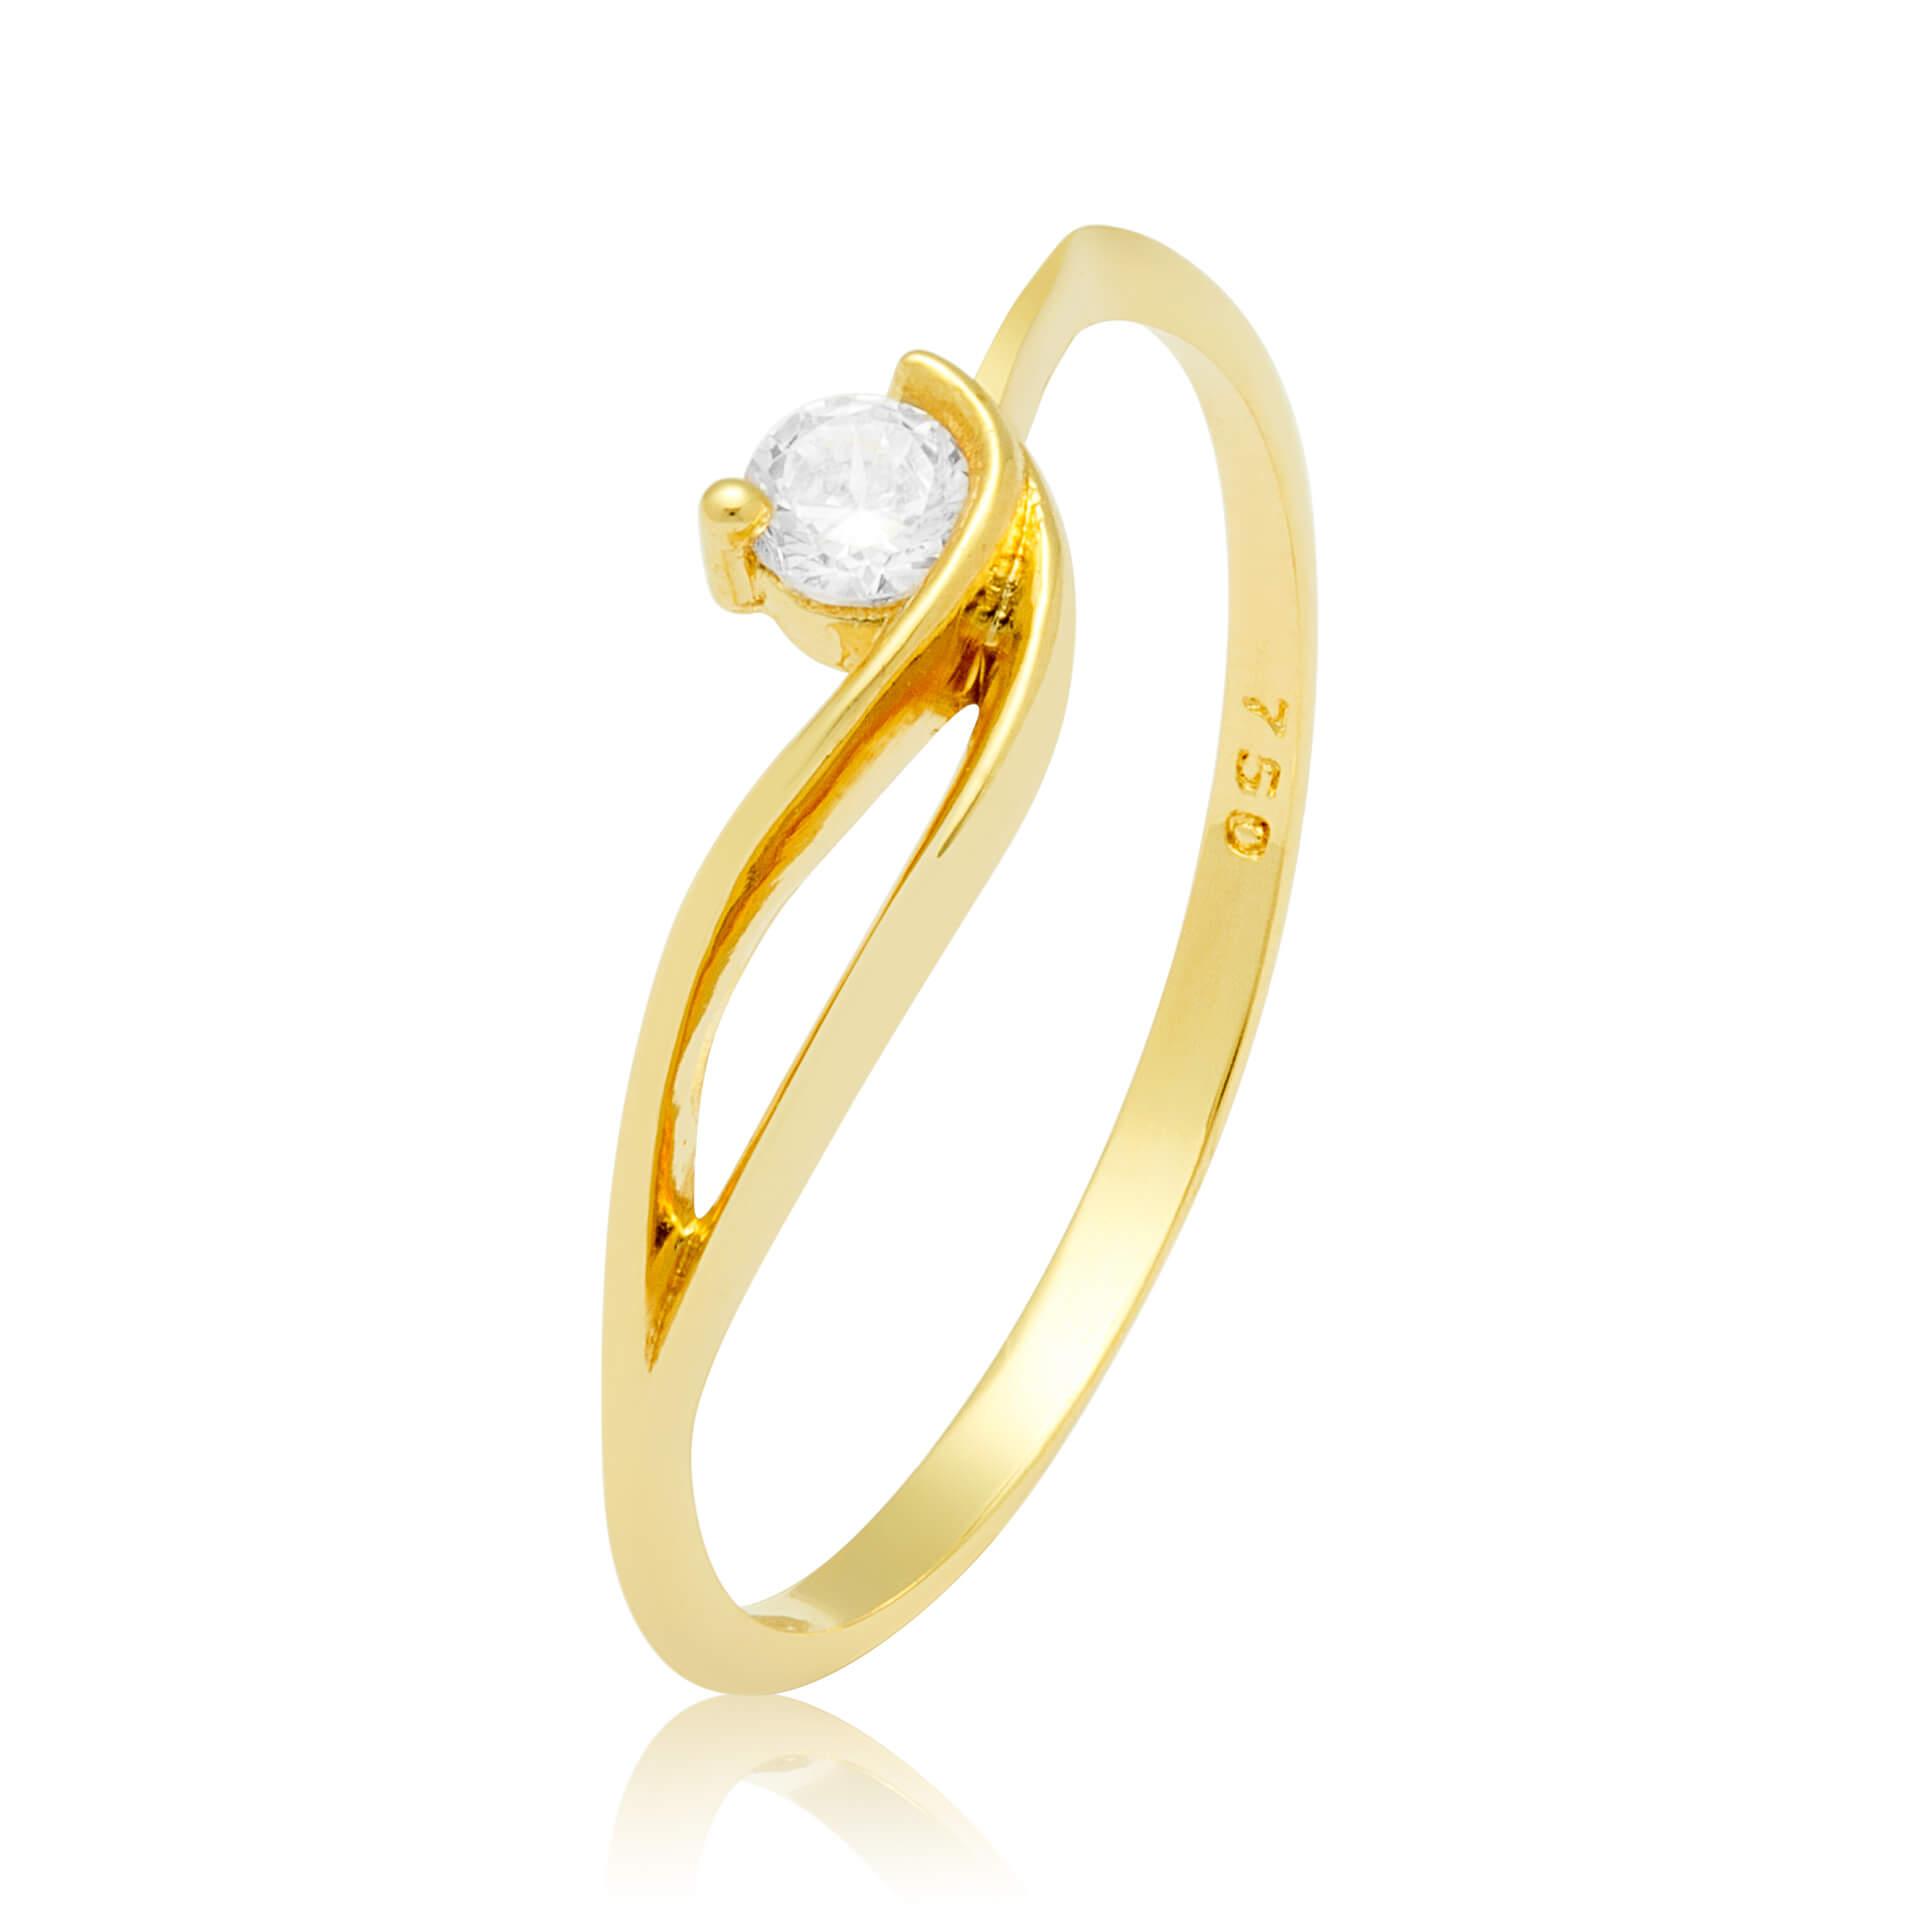 Solitário Ouro Amarelo 18k Flawless e Diamantes